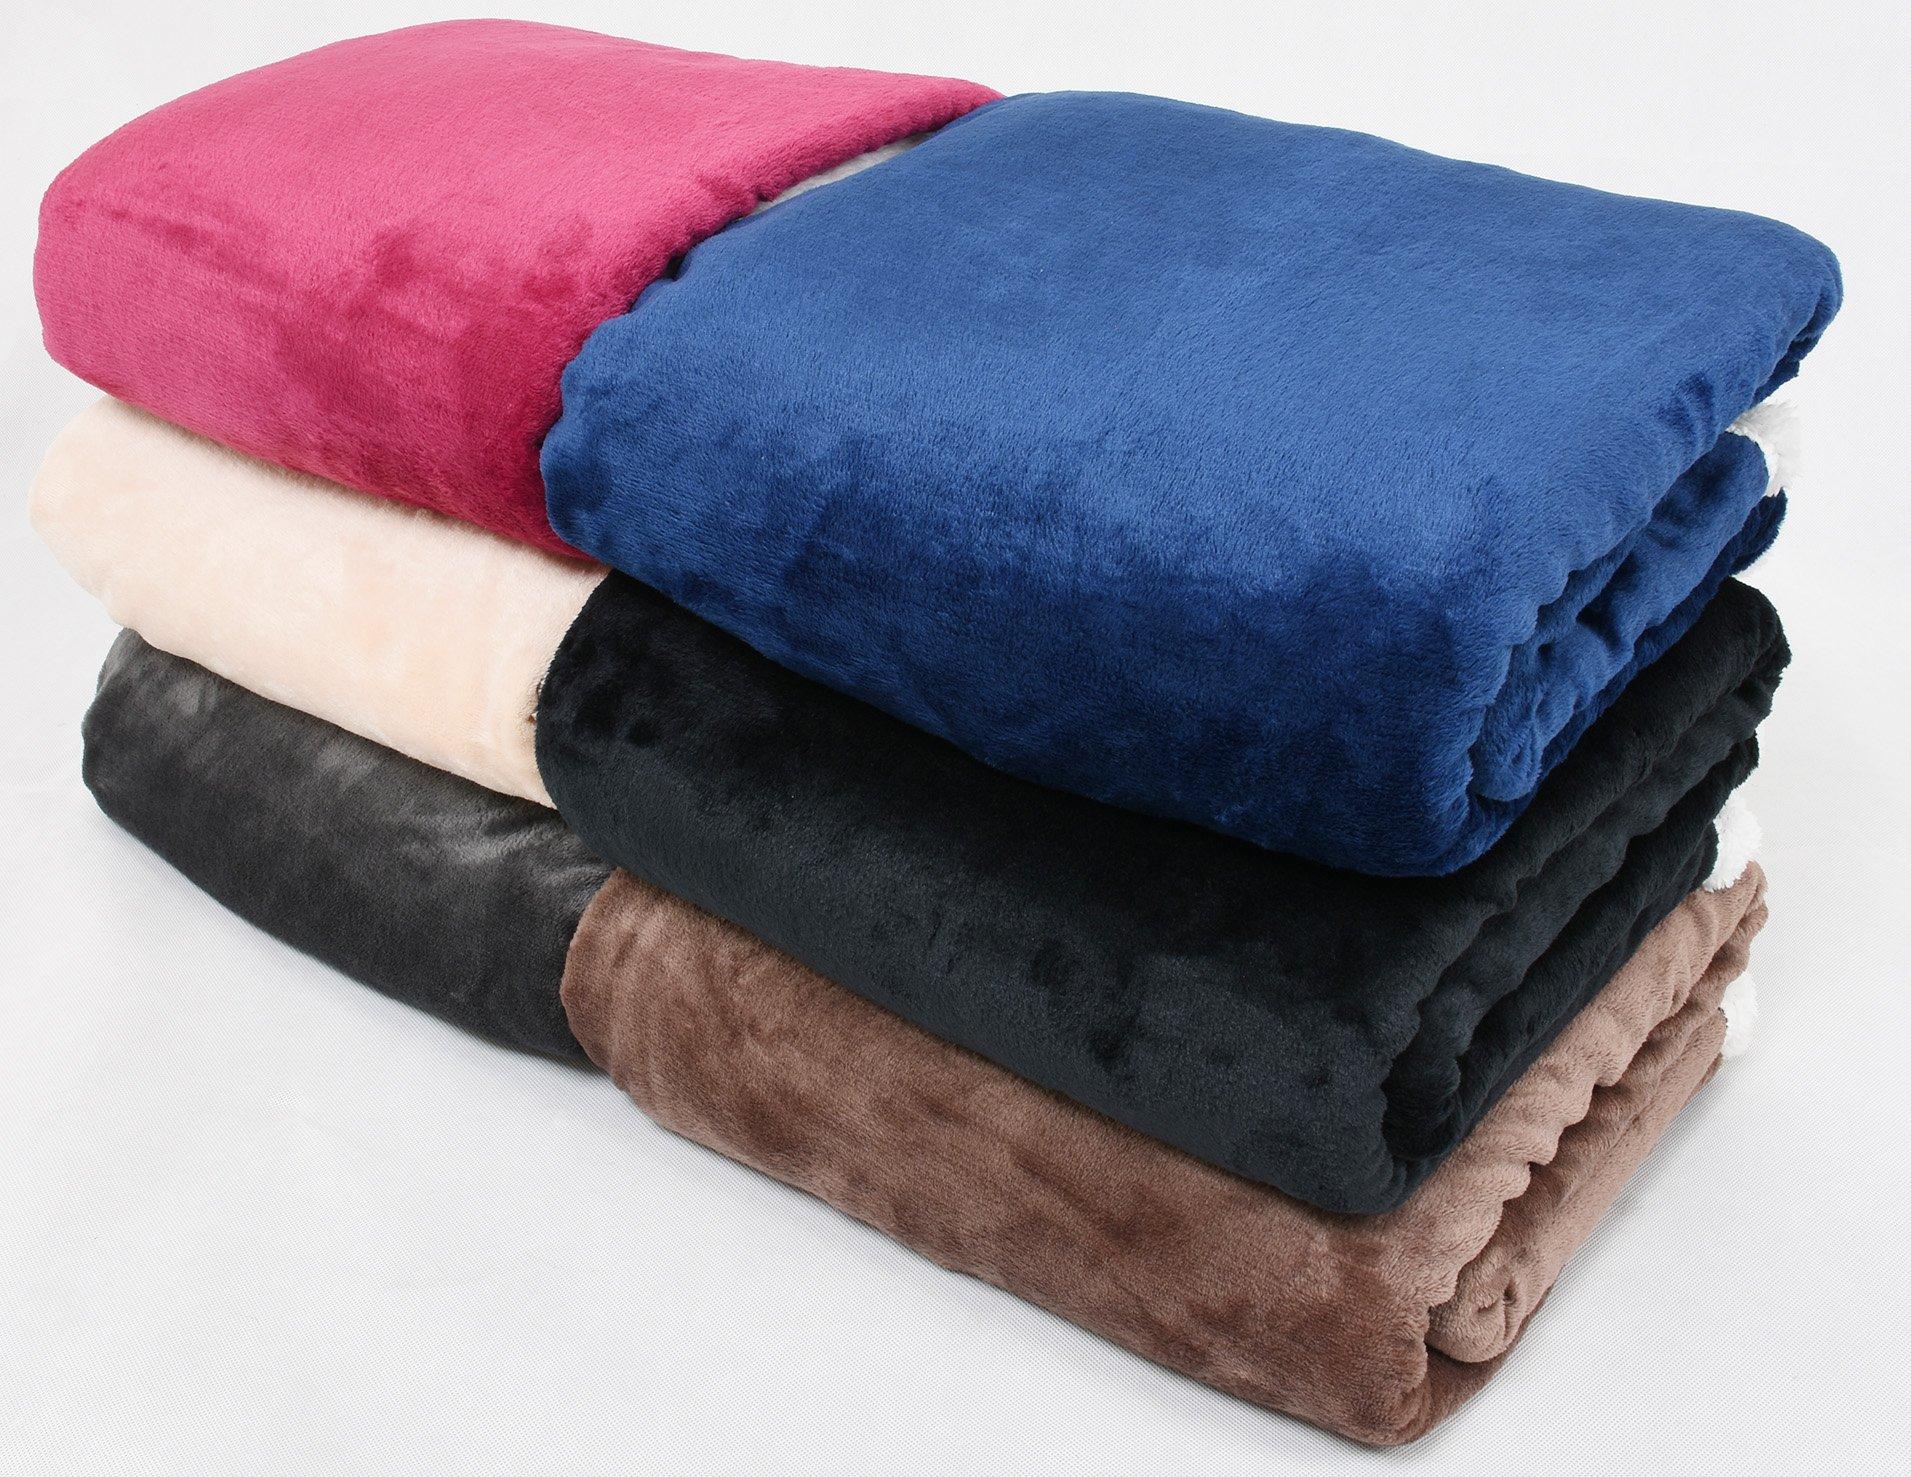 Catalonia Nerz-Fleecedecke, wendbare Sherpa-Tagesdecke, groß, für Sofa, Bett, superweich, bequem, Geschenk, 127x152 cm, Microfaser